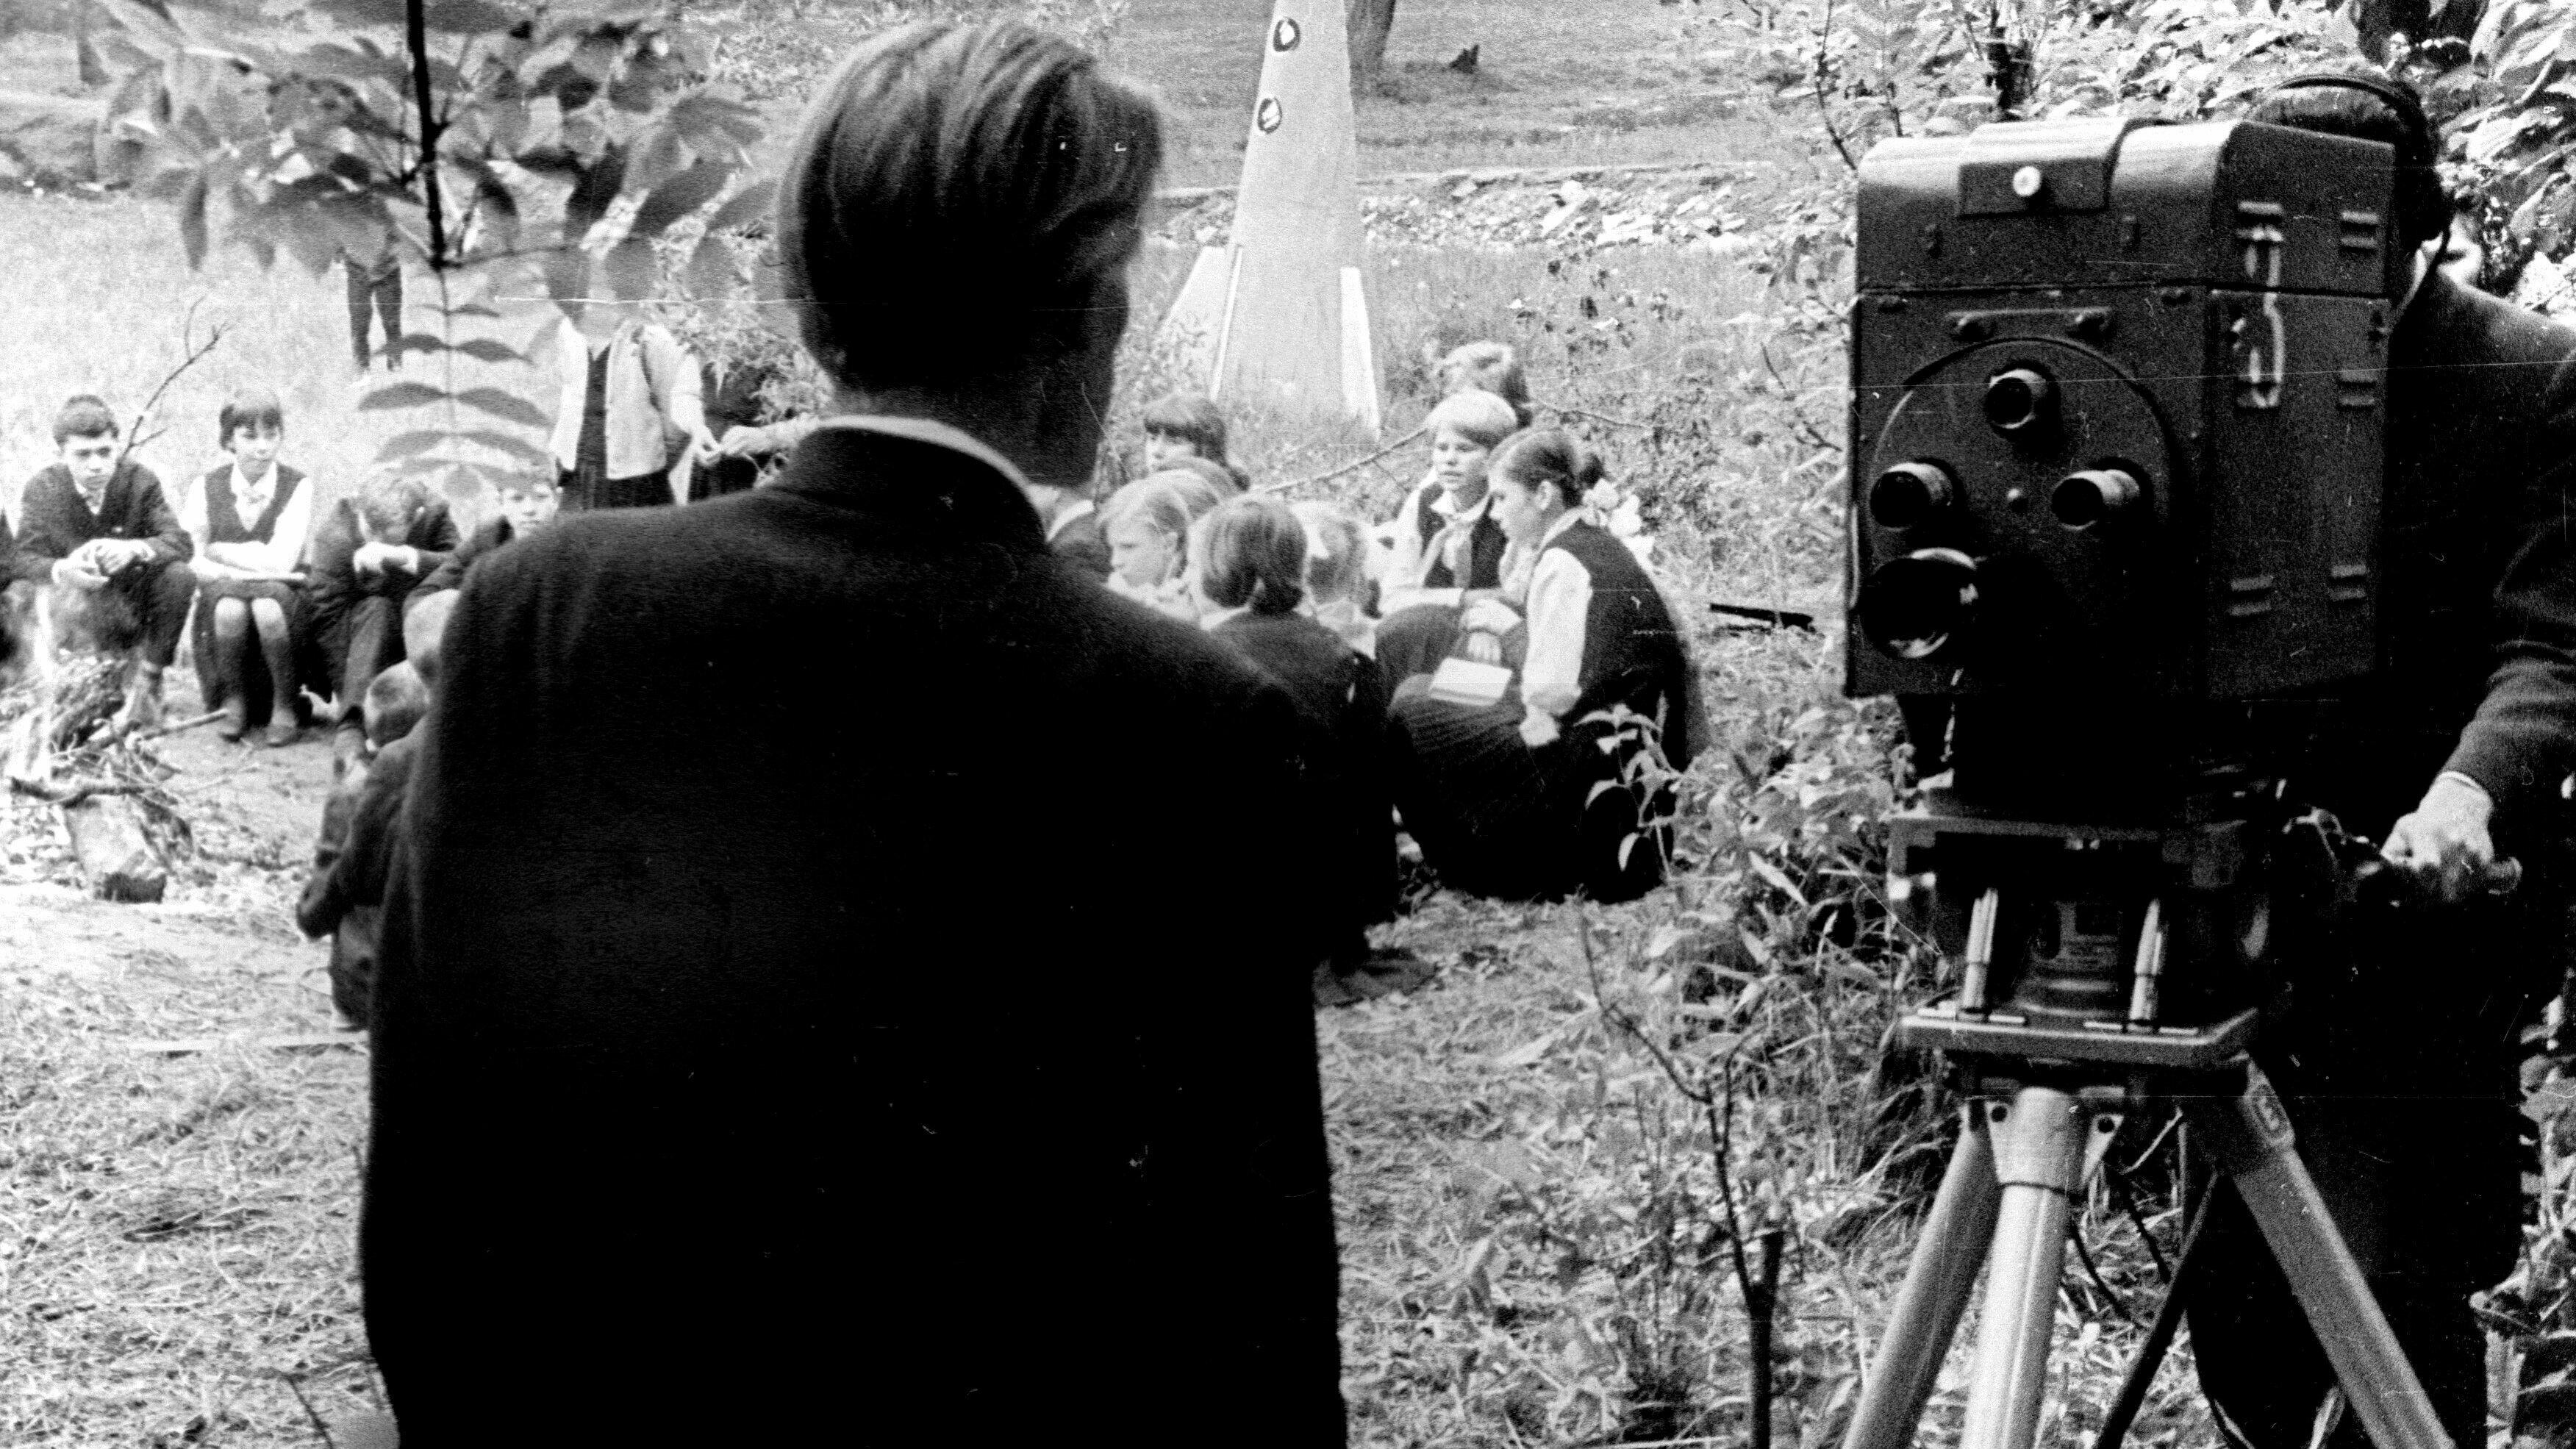 """Что такое выдерка на языке цензуры и почему """"Вестер"""" стал концлагерем: из истории калининградского телевидения"""